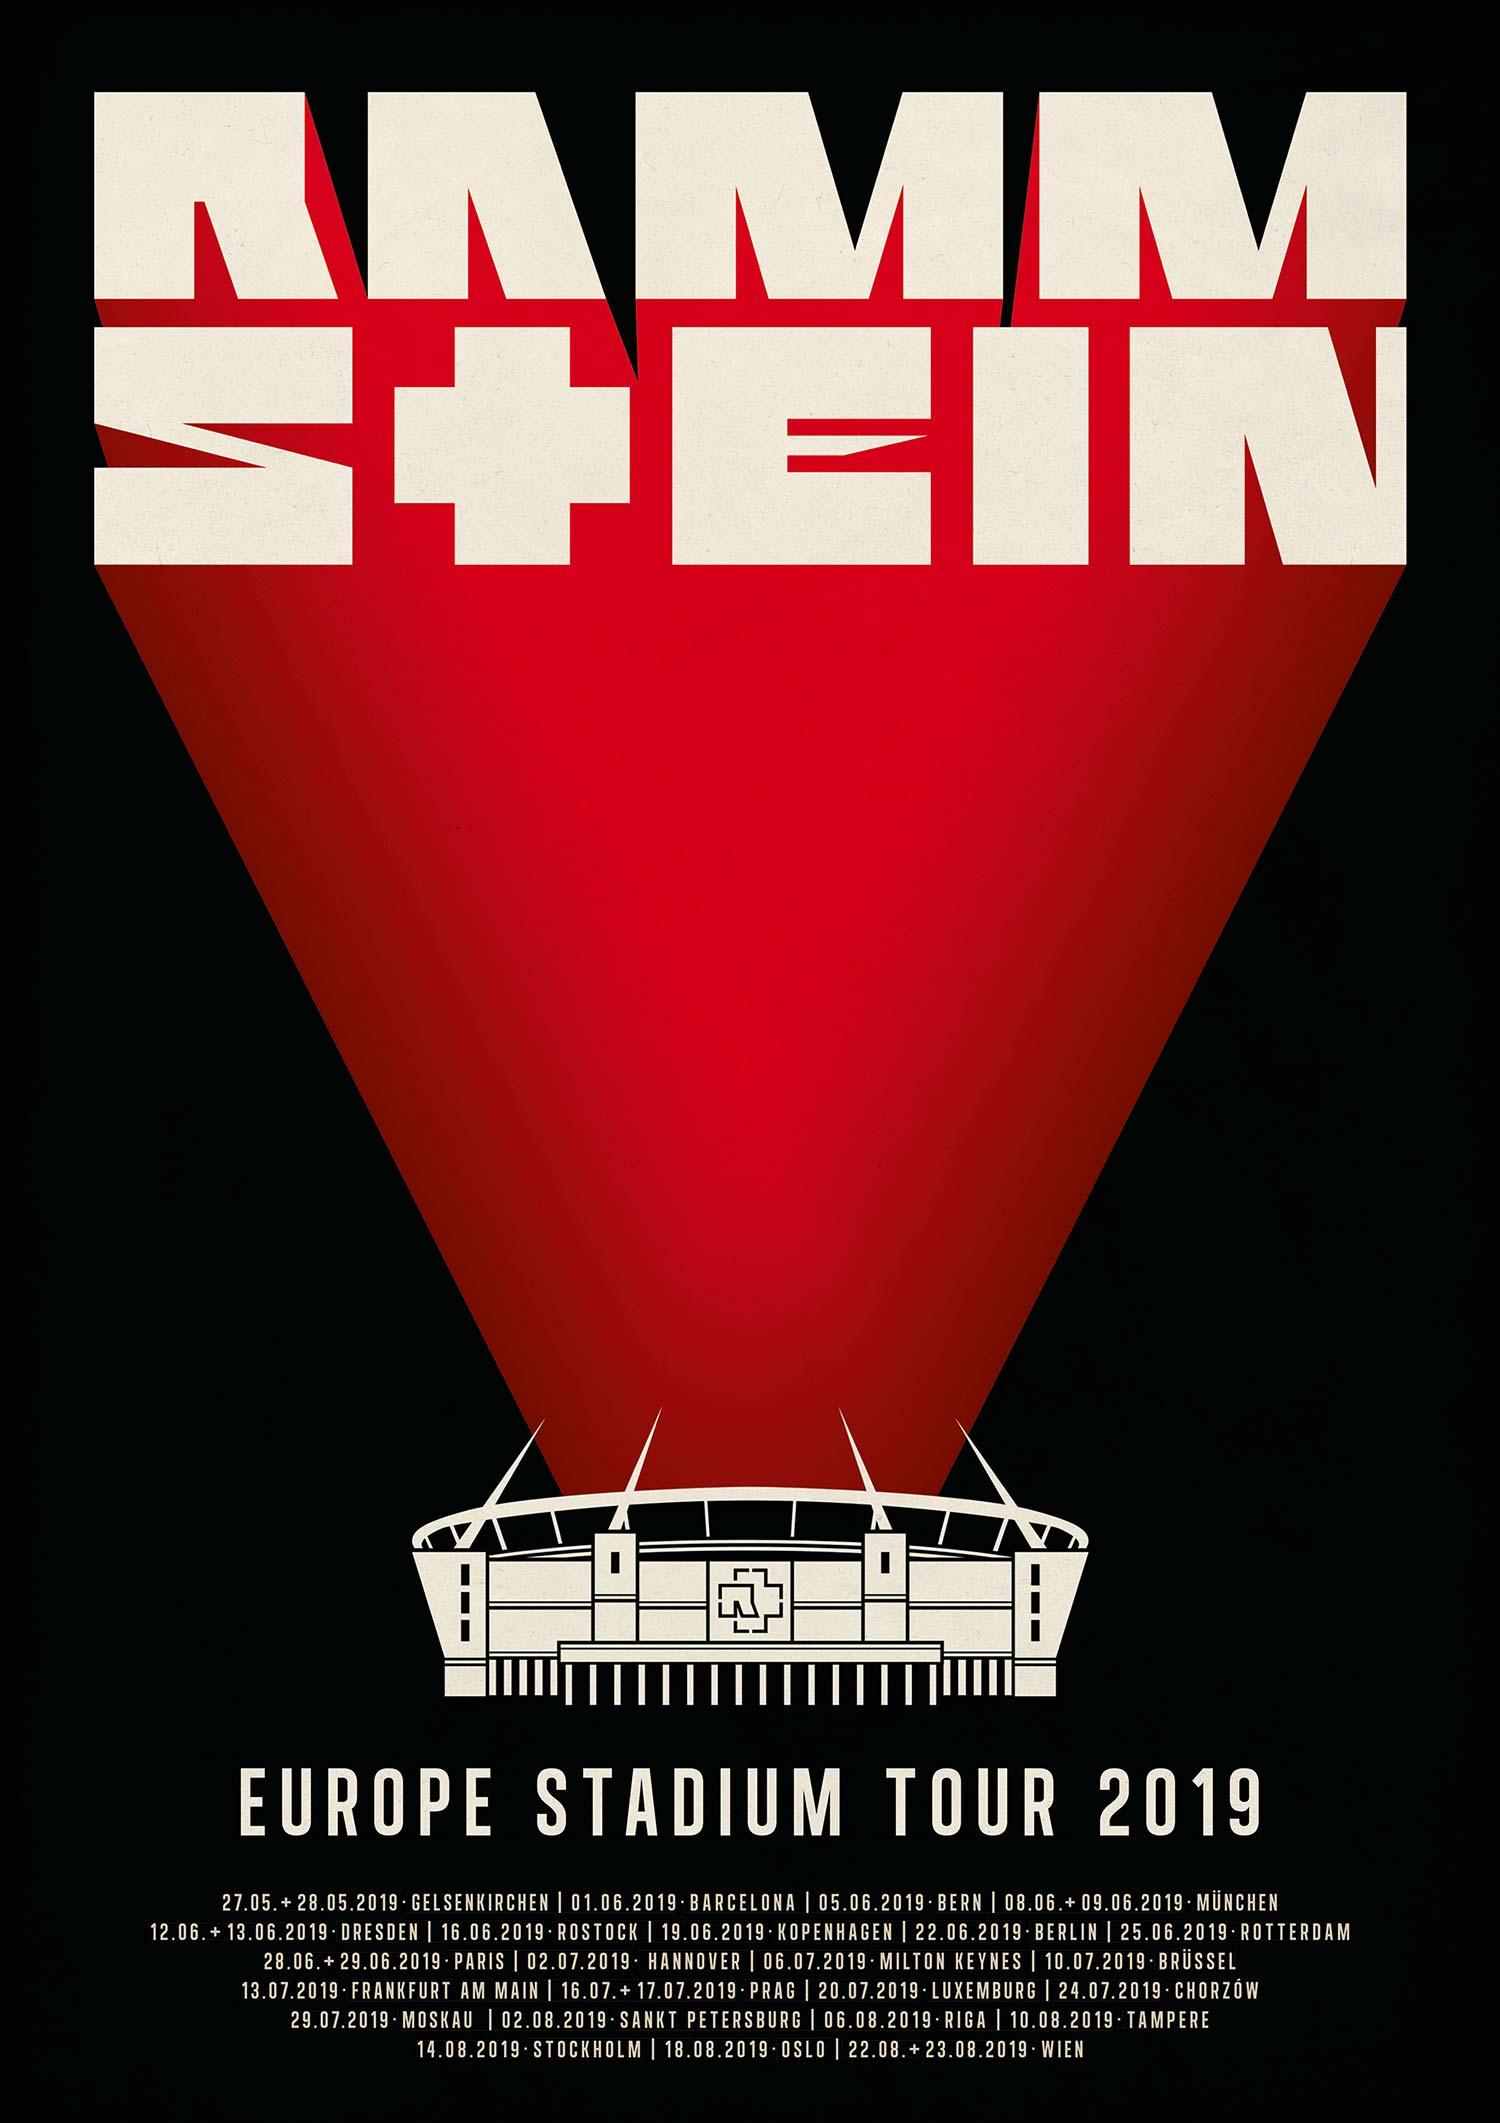 Rammstein stadion